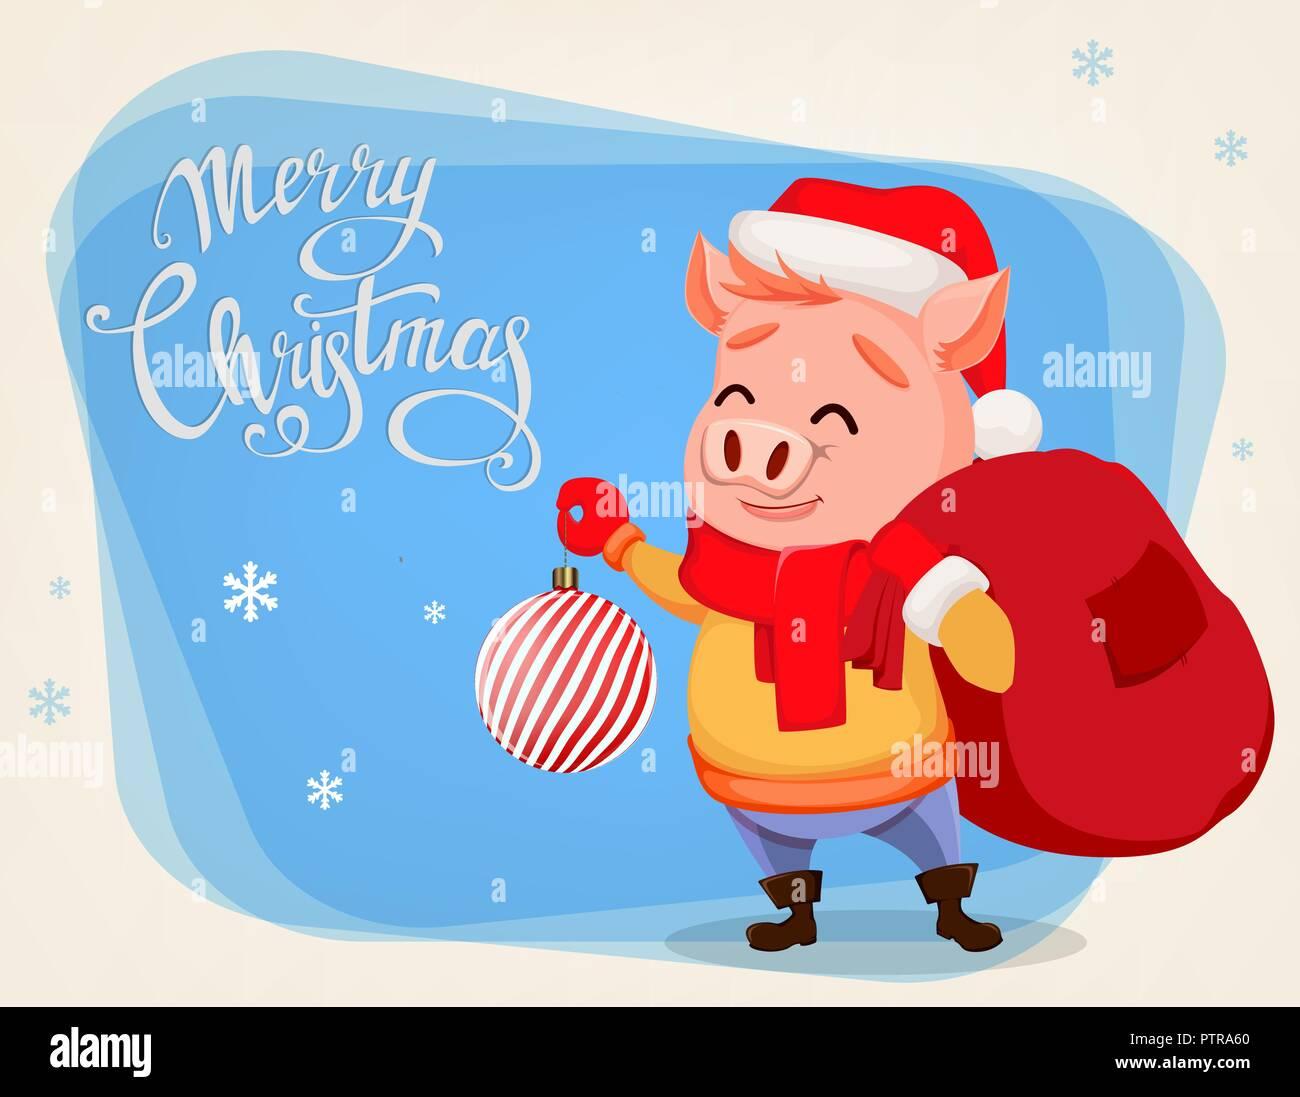 Frohe Weihnachten Grusskarte Mit Niedlichen Schwein Tragen